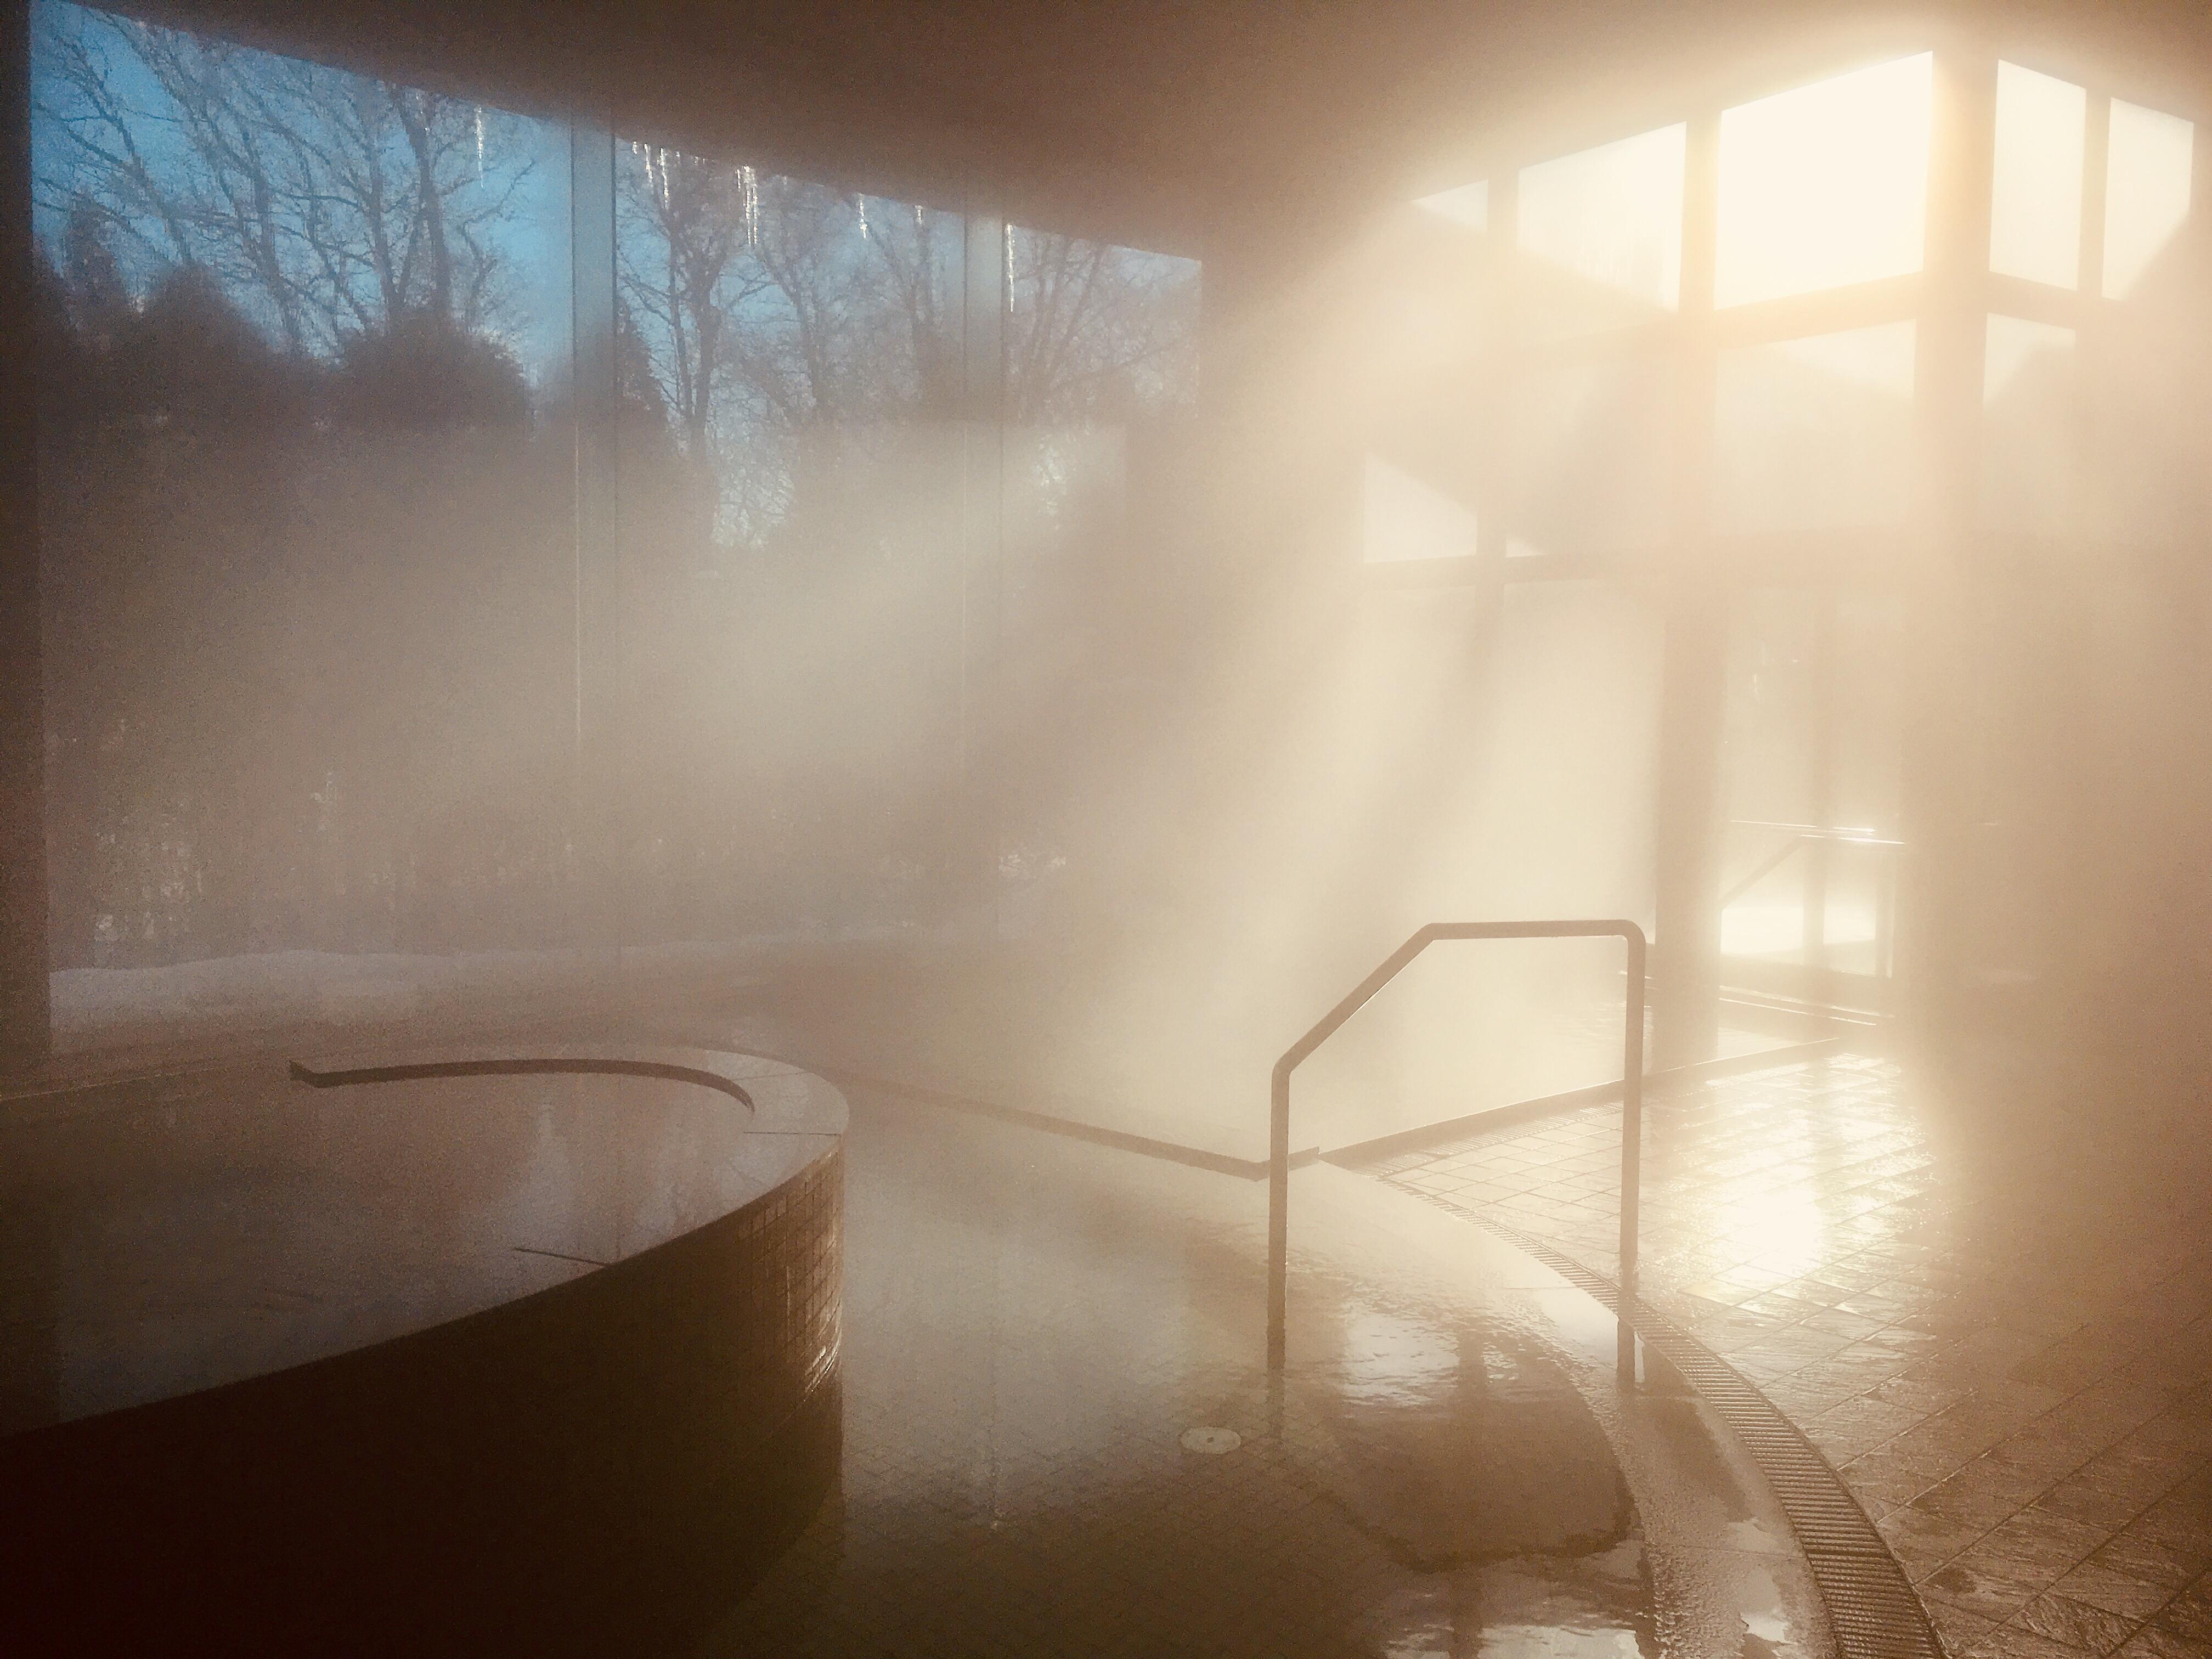 寒波来てますが、やっぱり♨️温泉いいですよ〜